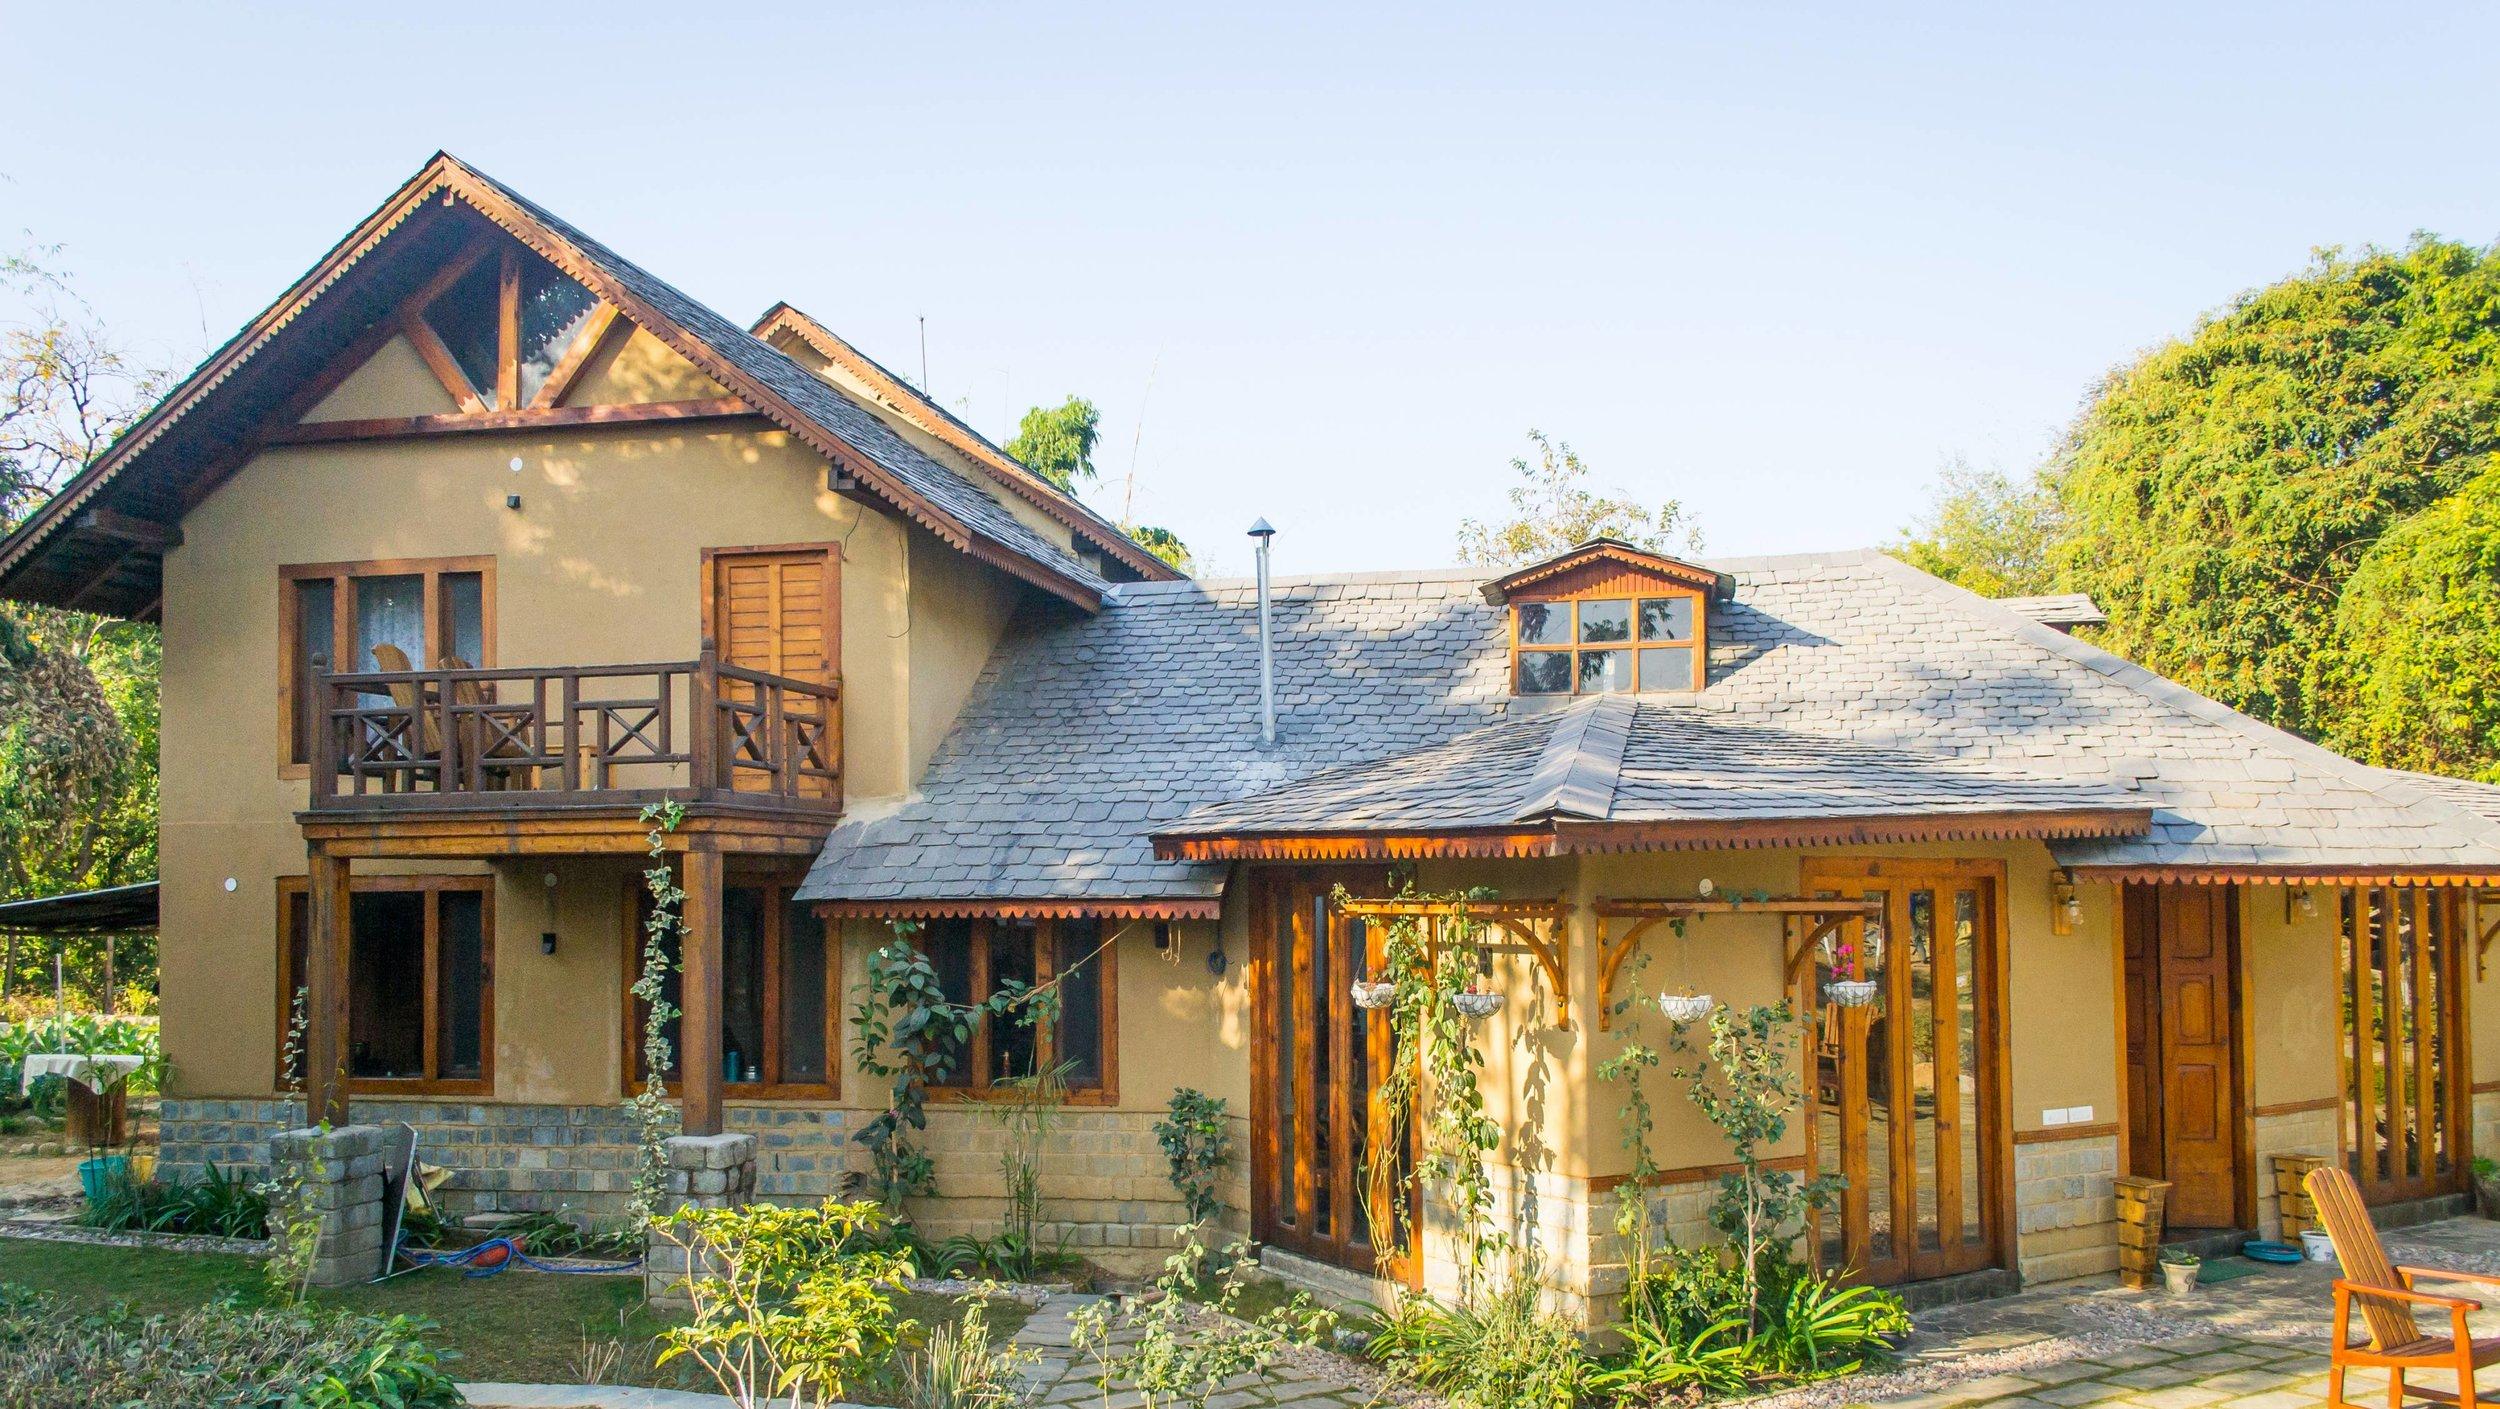 The main cottage at The Lodge at Wah